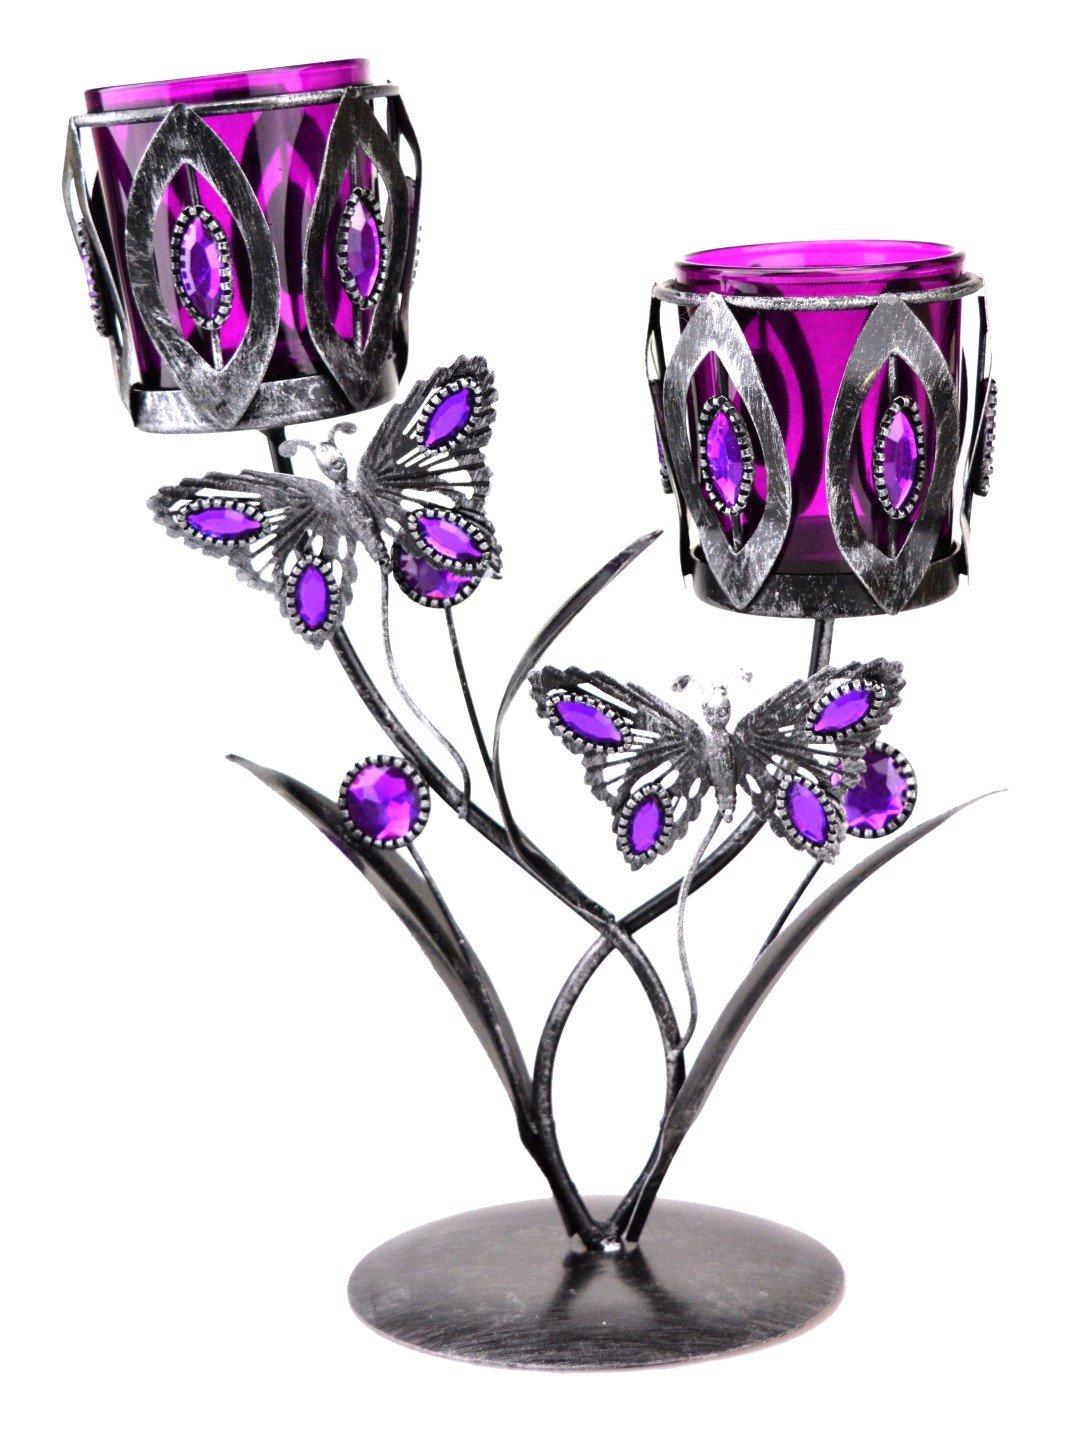 nouveaux produits pour style moderne meilleur grossiste En métal en forme de Papillon porte-bougie chauffe-plat ...